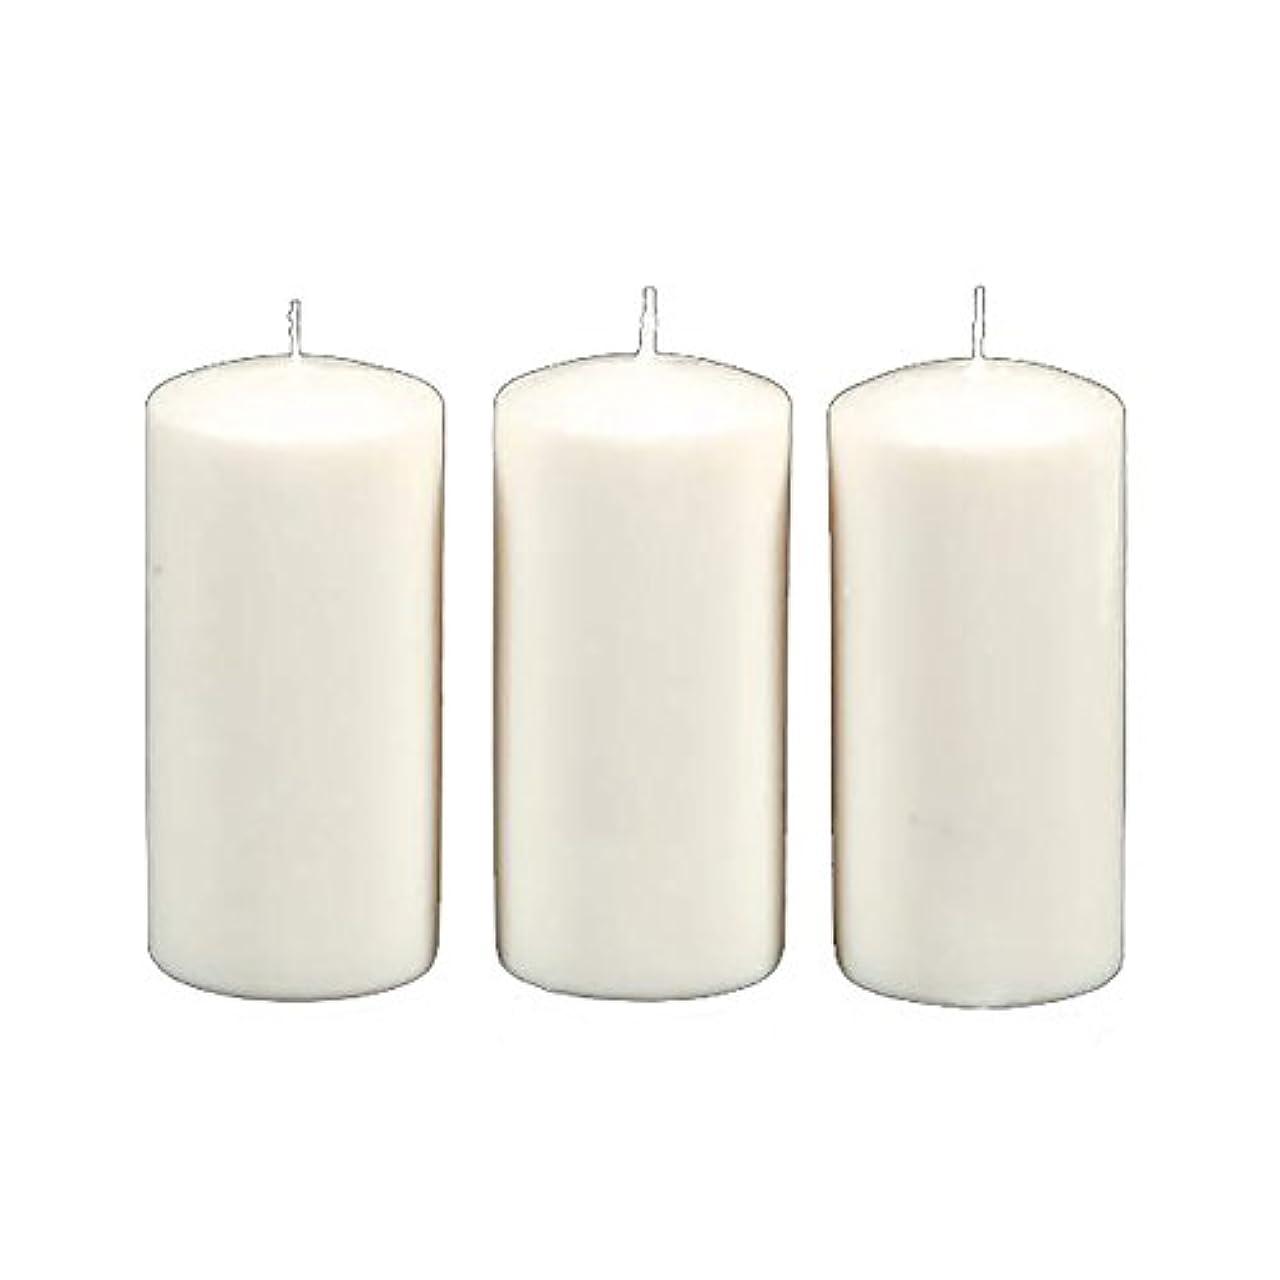 リスト留まるエネルギーDarice 3-Piece Unscented Pillar Candles, 3 Inch by 6-Inch, White by Darice